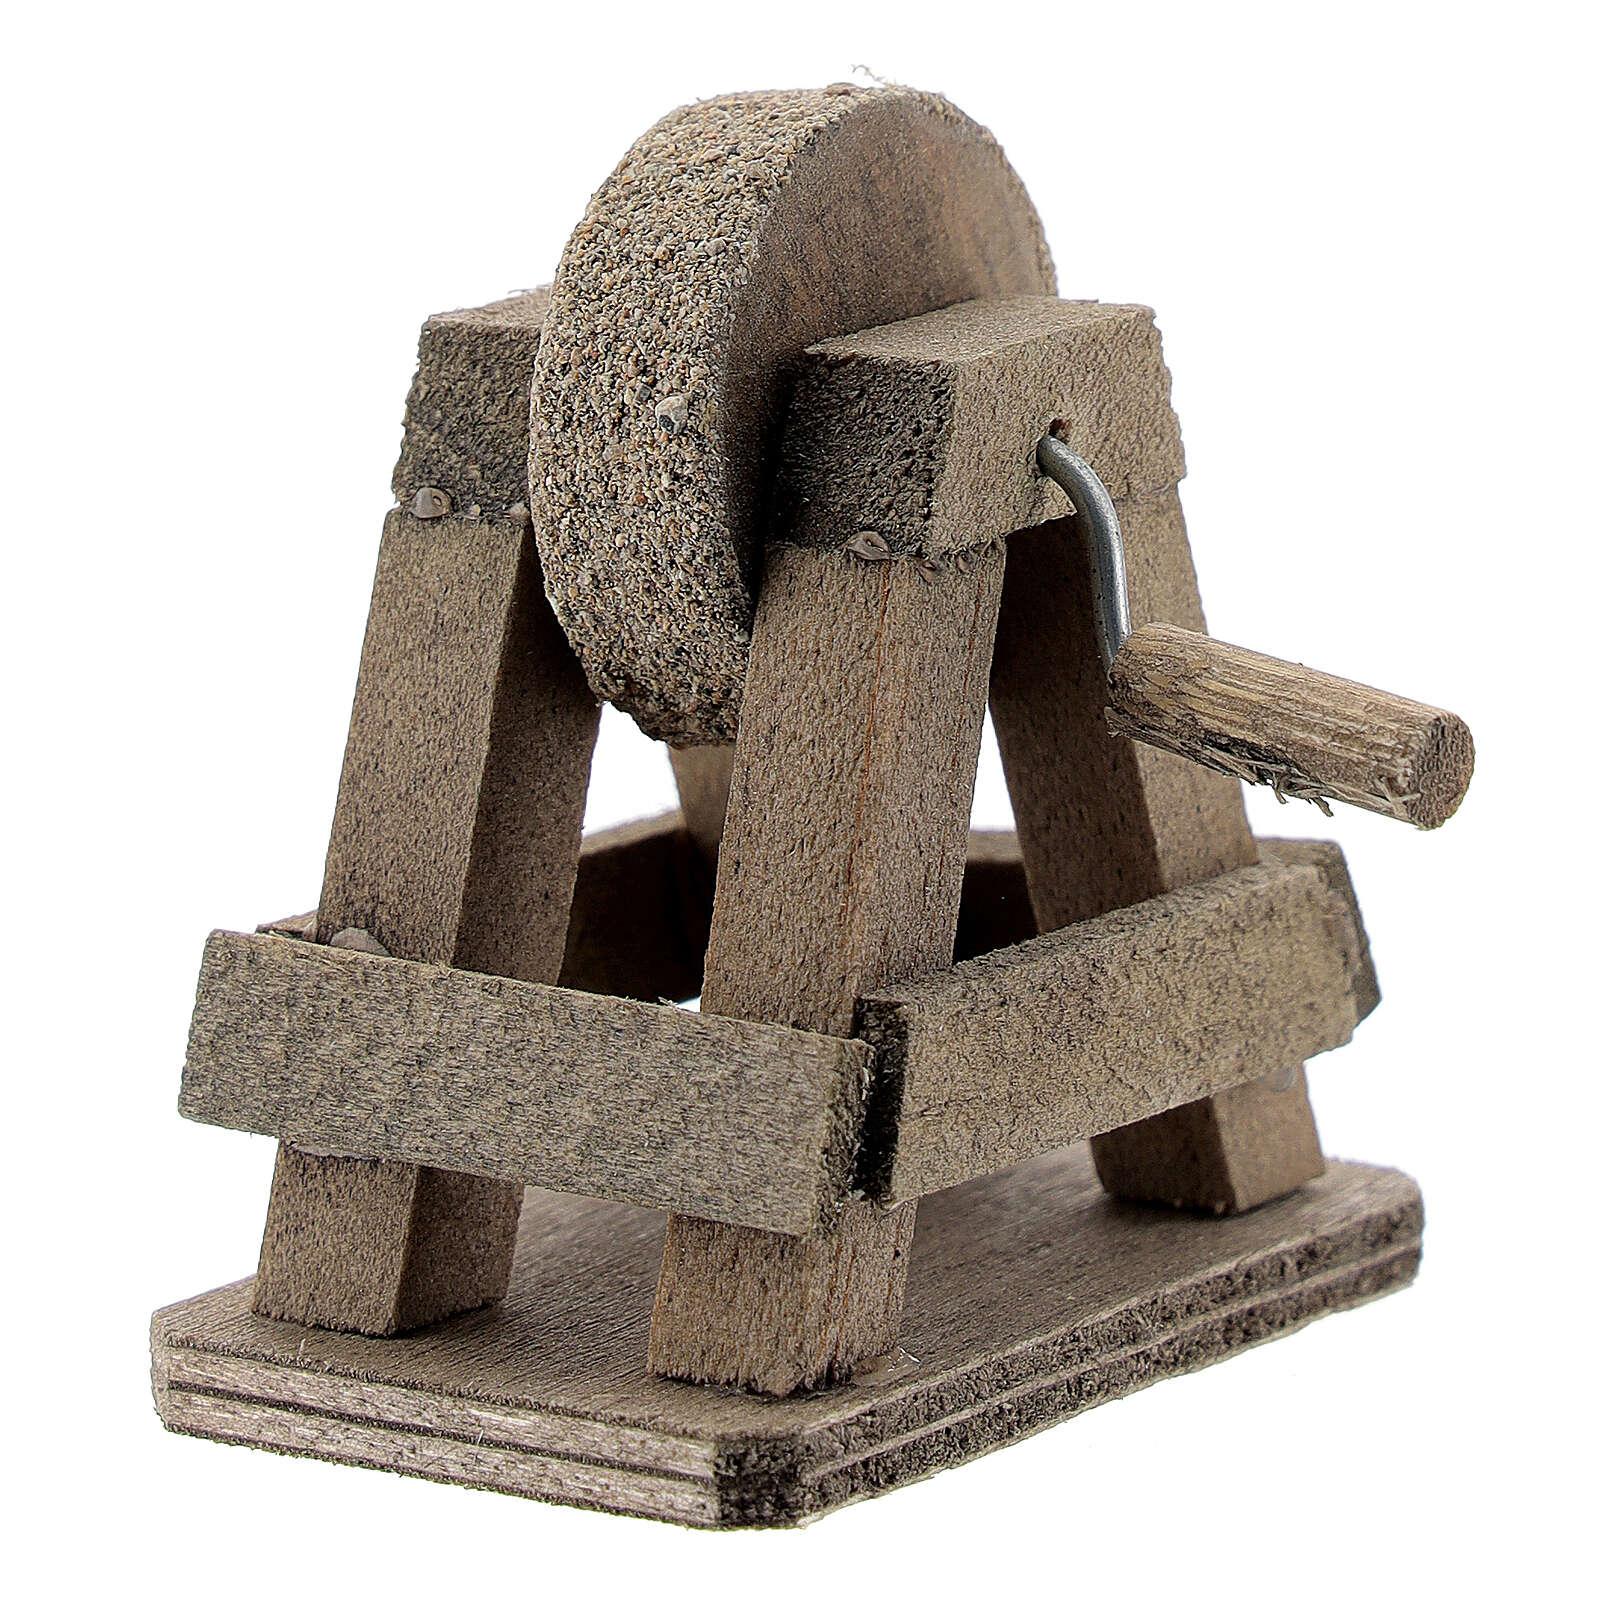 Rebolo para afiar miniatura madeira para presépio com figuras altura média 8-10 cm 4